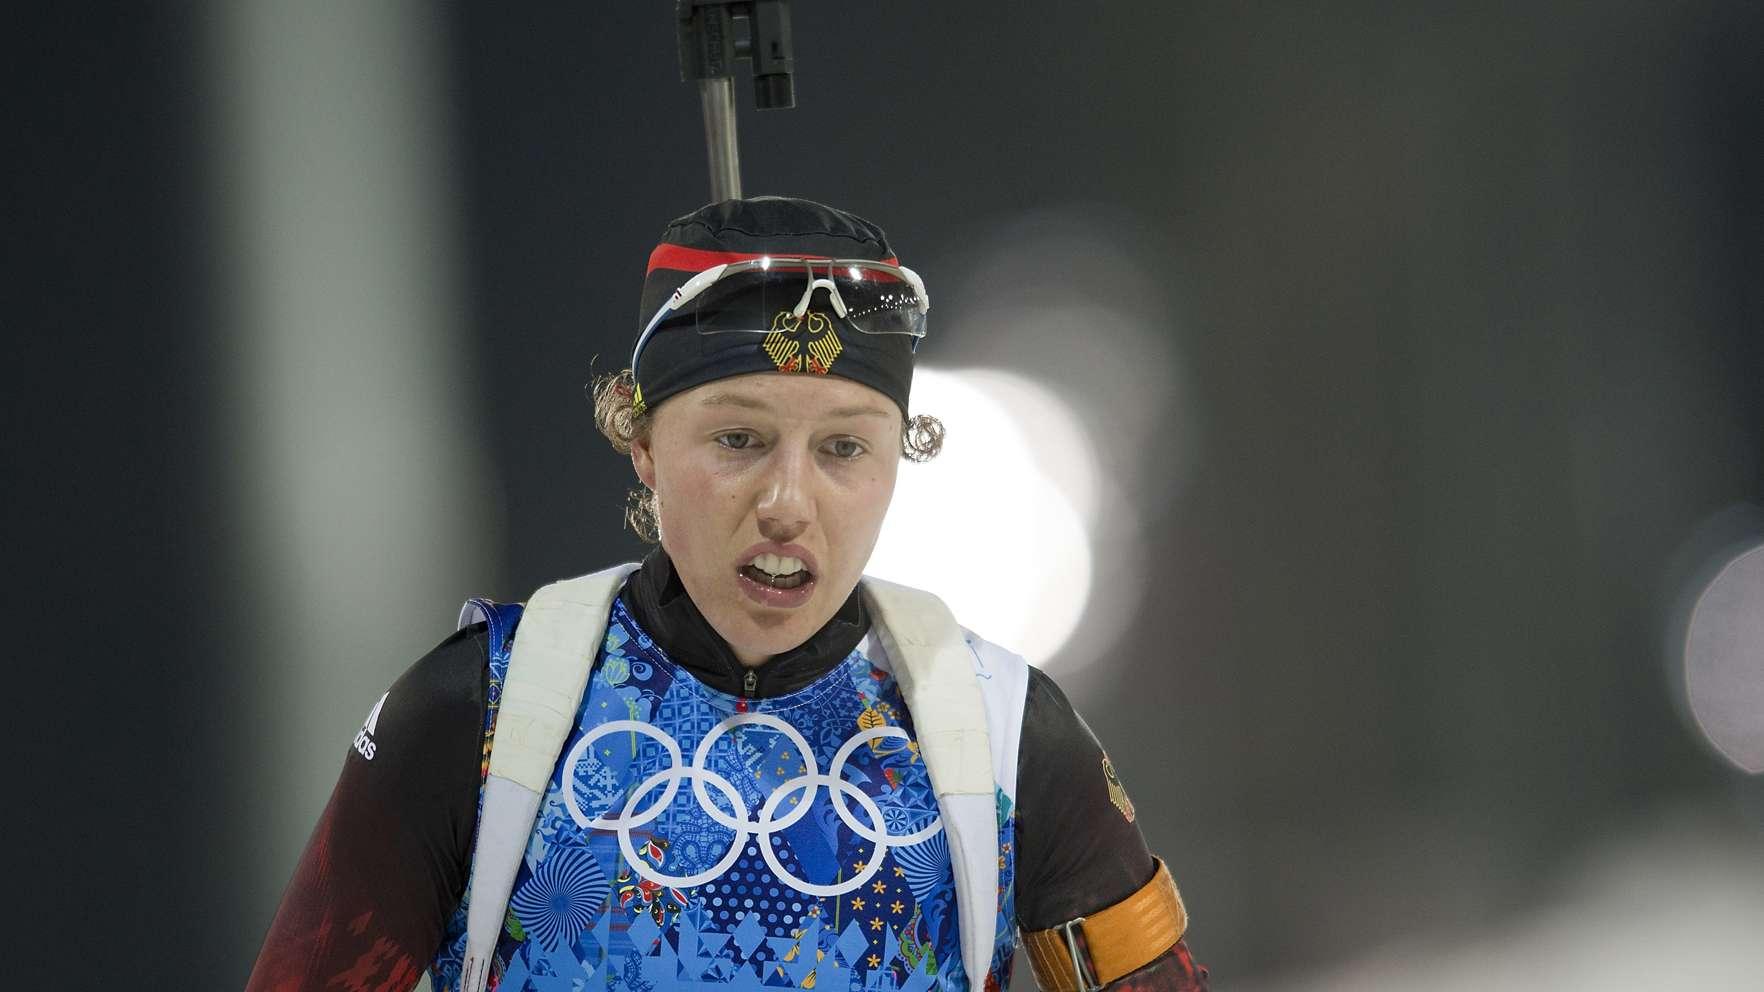 Laura Dahlmeier bei Olympia 2014